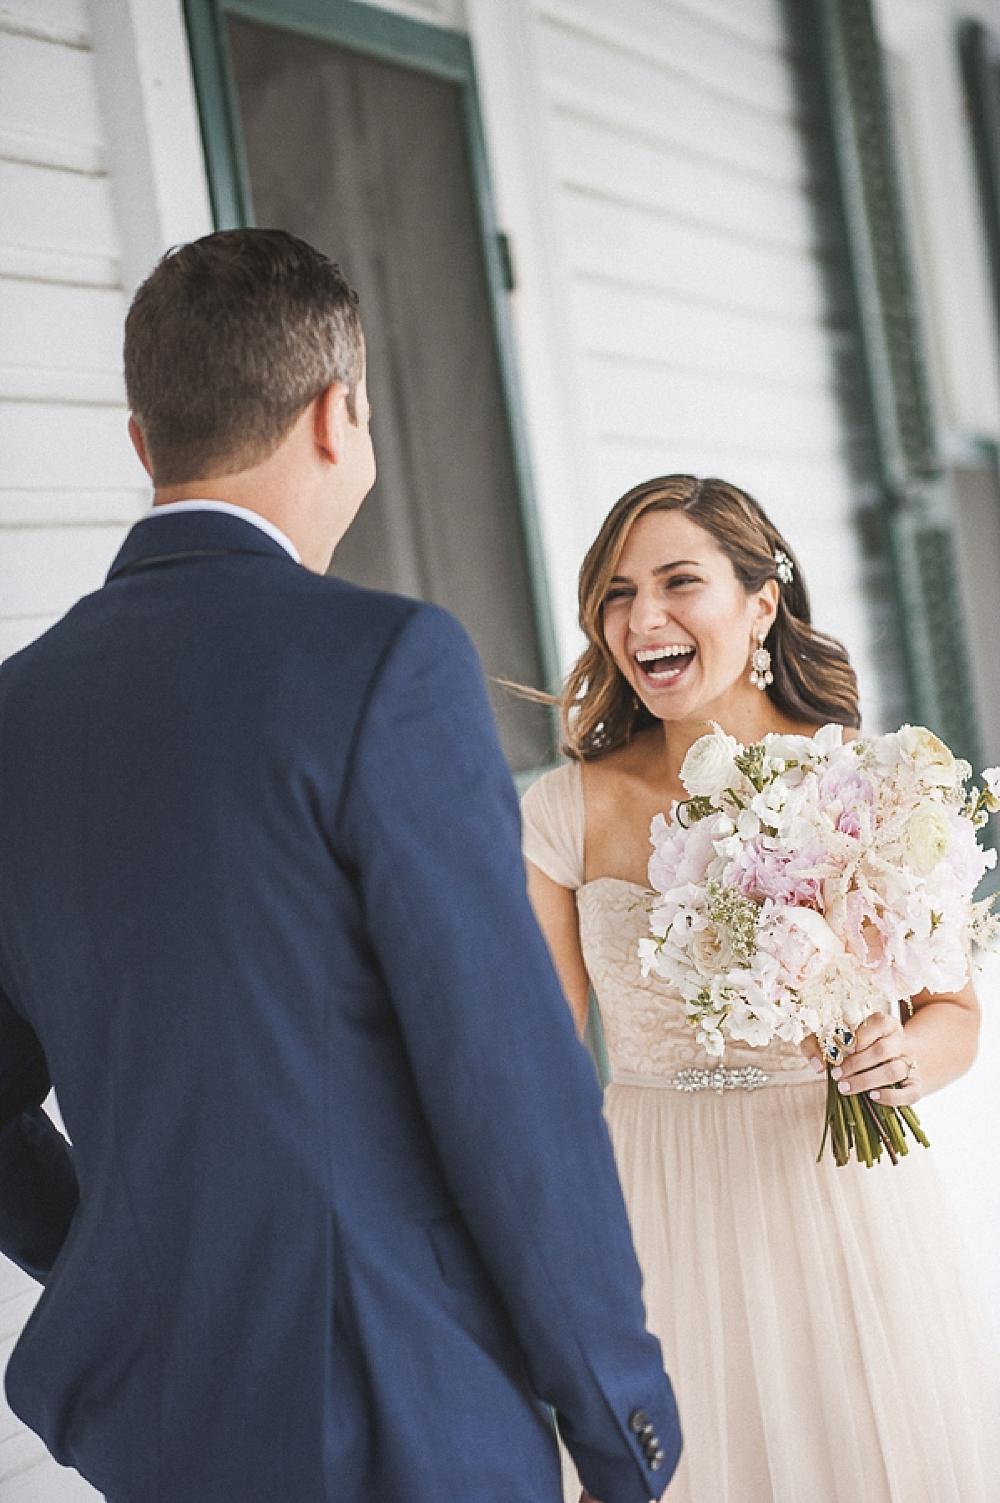 Viva Love Philadelphia Wedding Photographer_0019.jpg